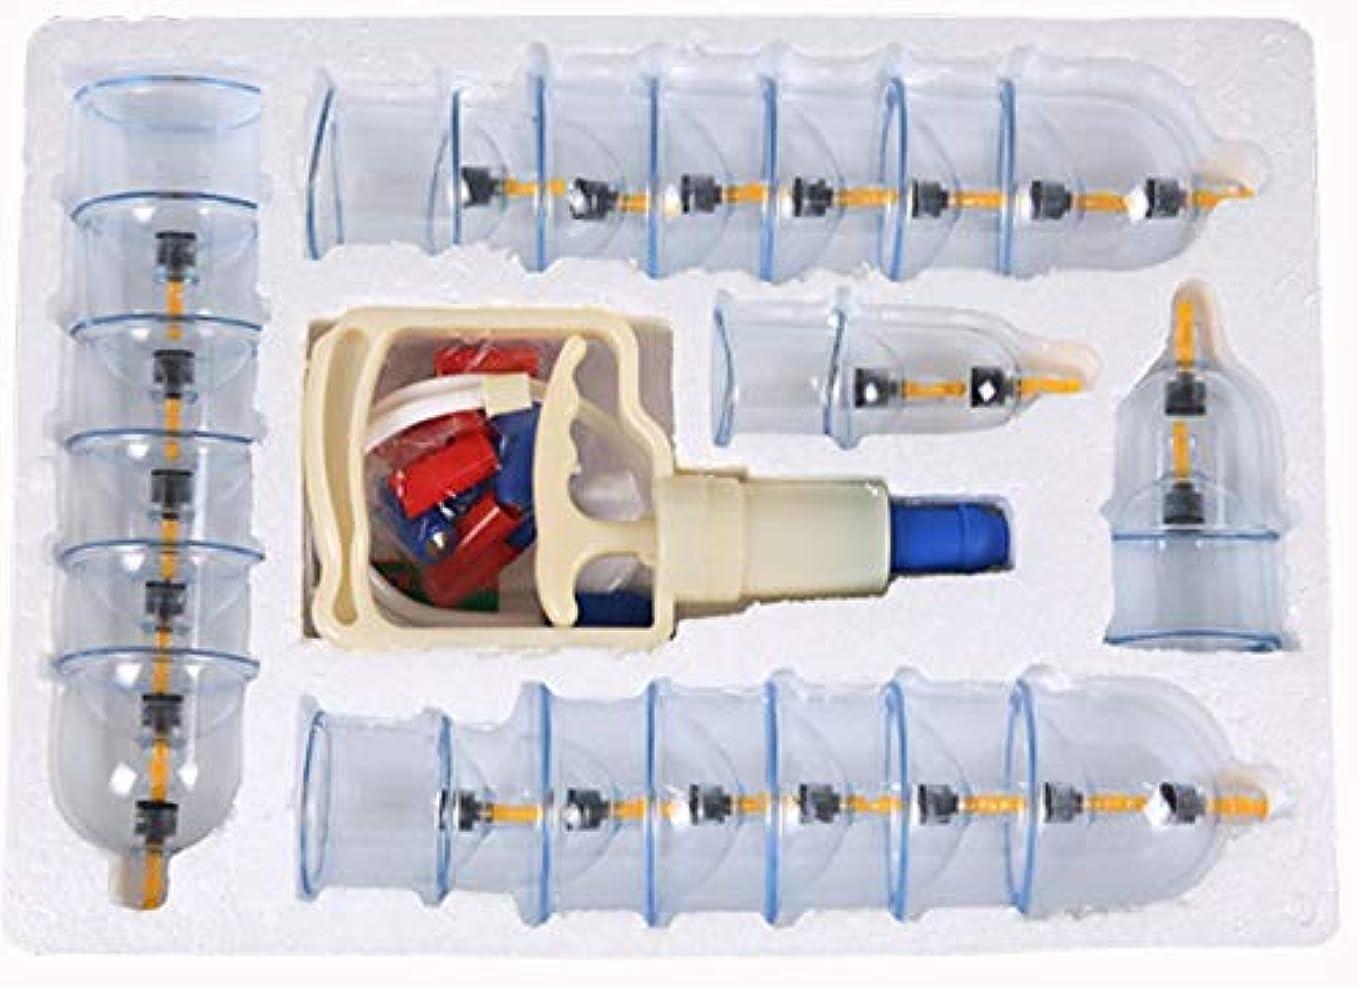 樫の木電気的カポック(ラフマトーン) カッピング 吸い玉 大きいカップが多い 吸い玉 5種 24個セット 磁針 12個 関節用カップ付 脂肪吸引 自宅エステ